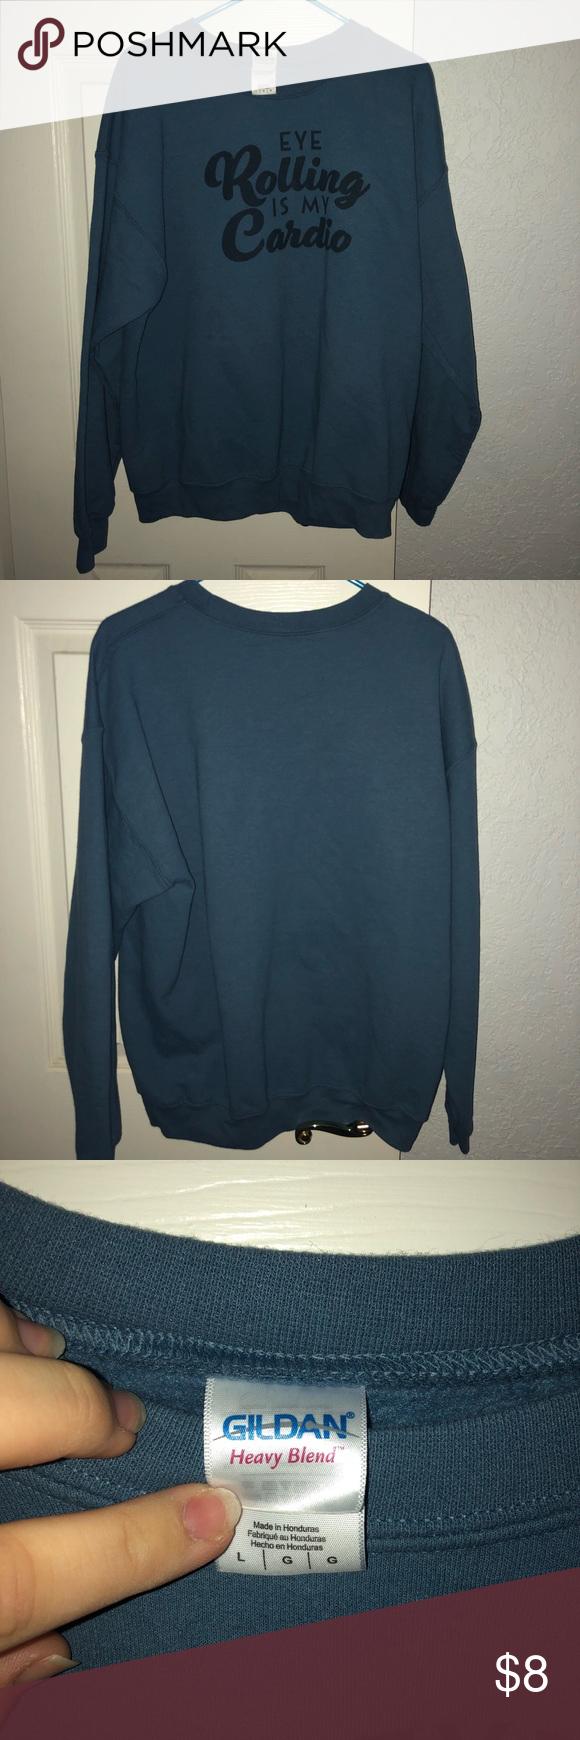 Gildan Eye Rolling Is My Cardio Sweatshirt Sweatshirts Womens Crewneck Sweatshirt Fleece [ 1740 x 580 Pixel ]